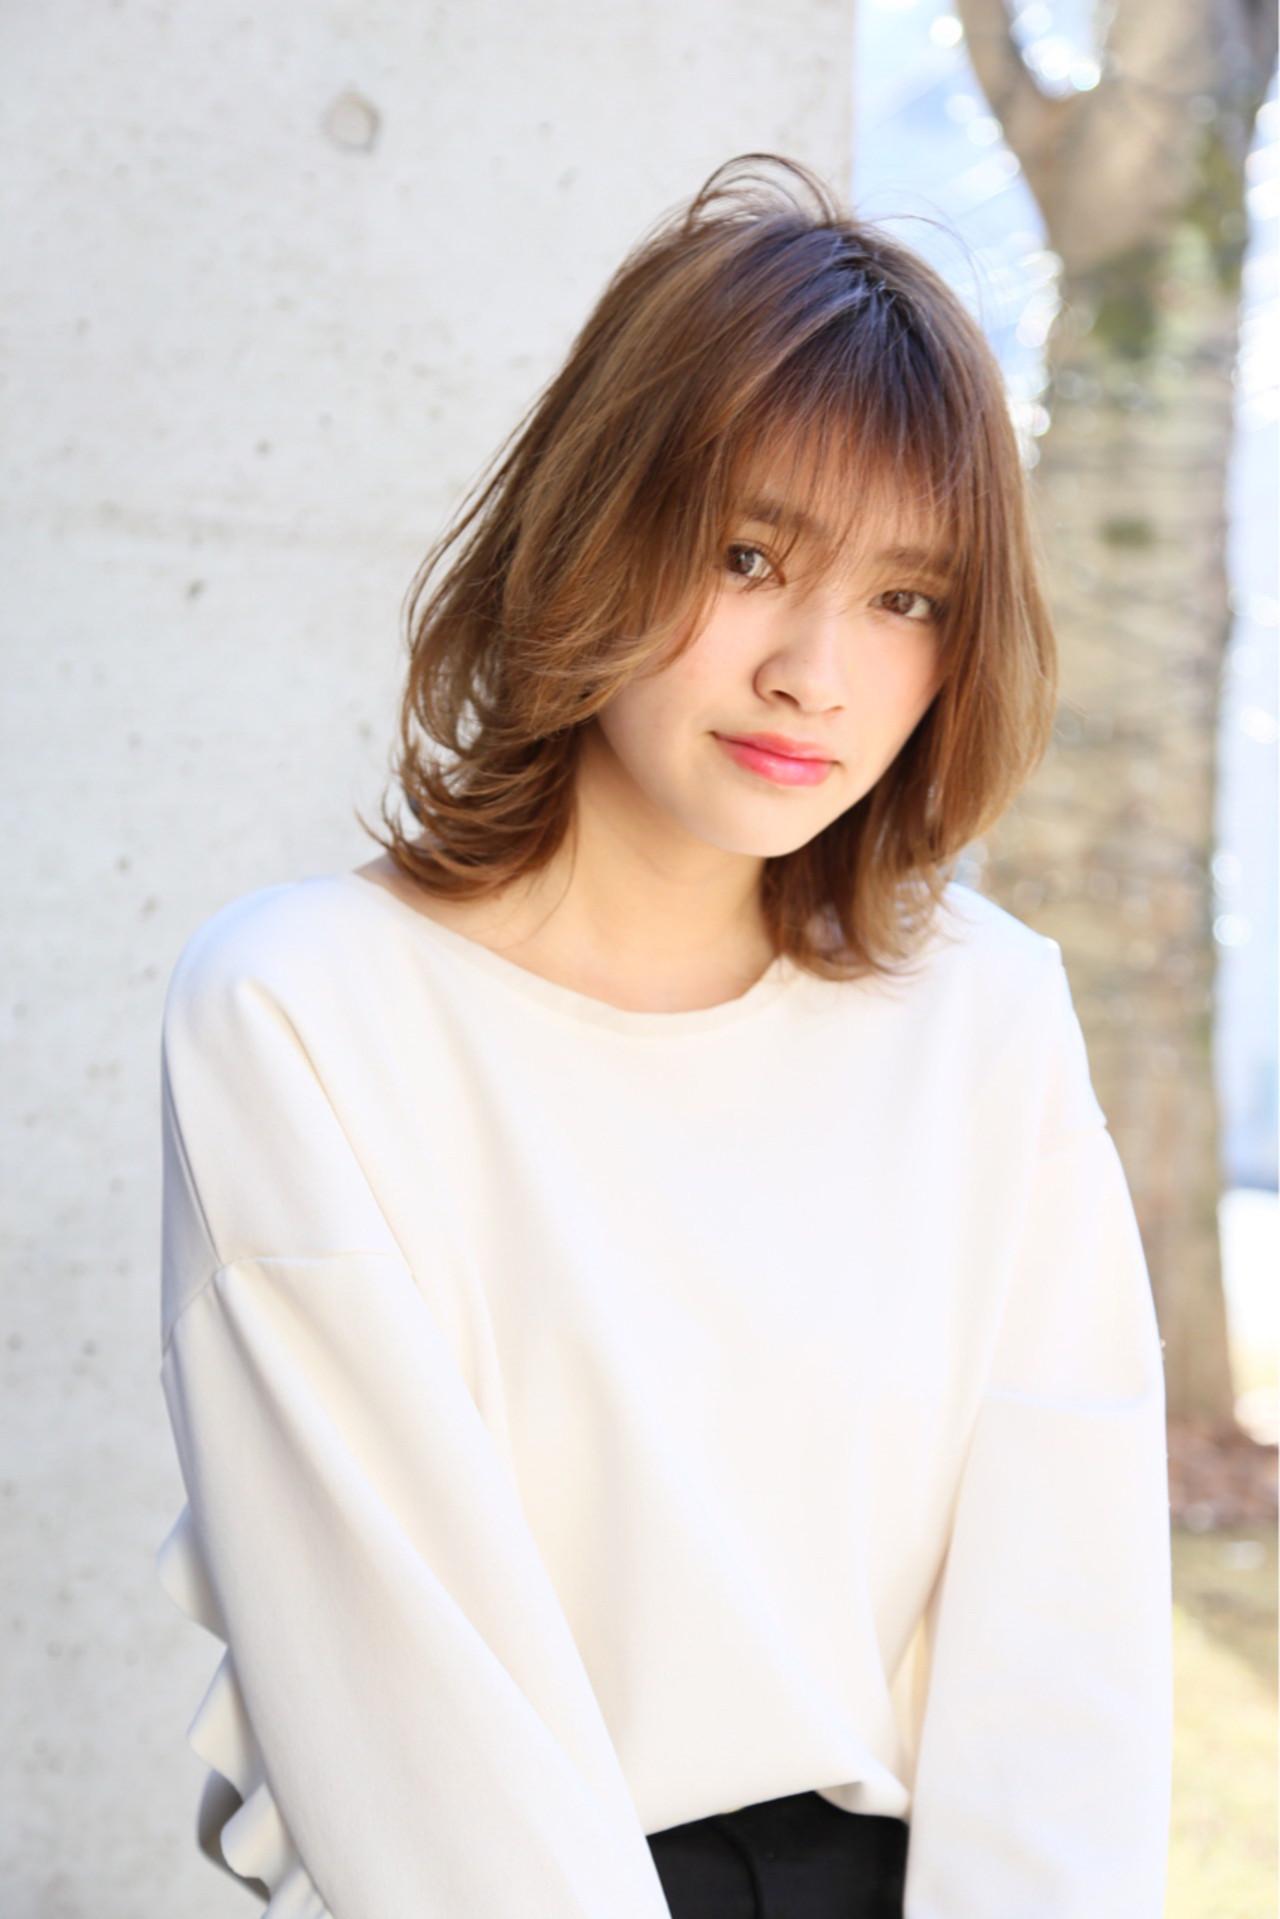 フリンジバング アッシュベージュ シースルーバング ナチュラル ヘアスタイルや髪型の写真・画像 | Mayu / a